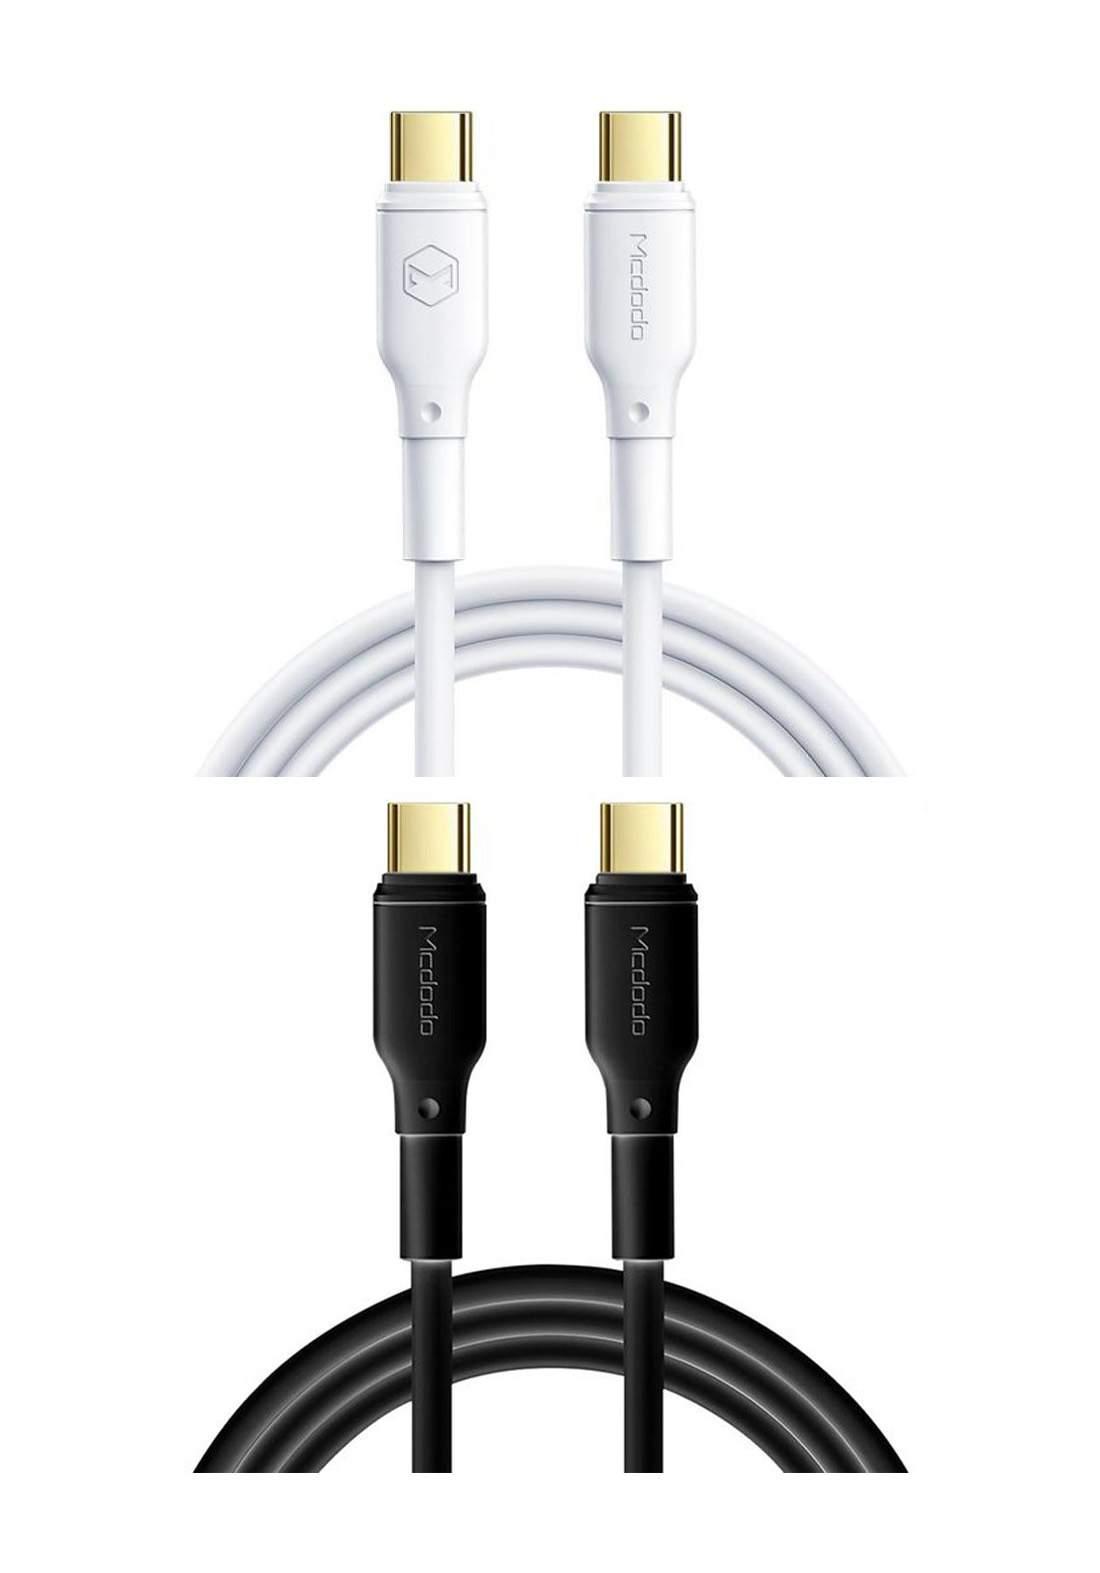 Mcdodo 100W USB Type-C to Type-C Cable 1.2m كابل